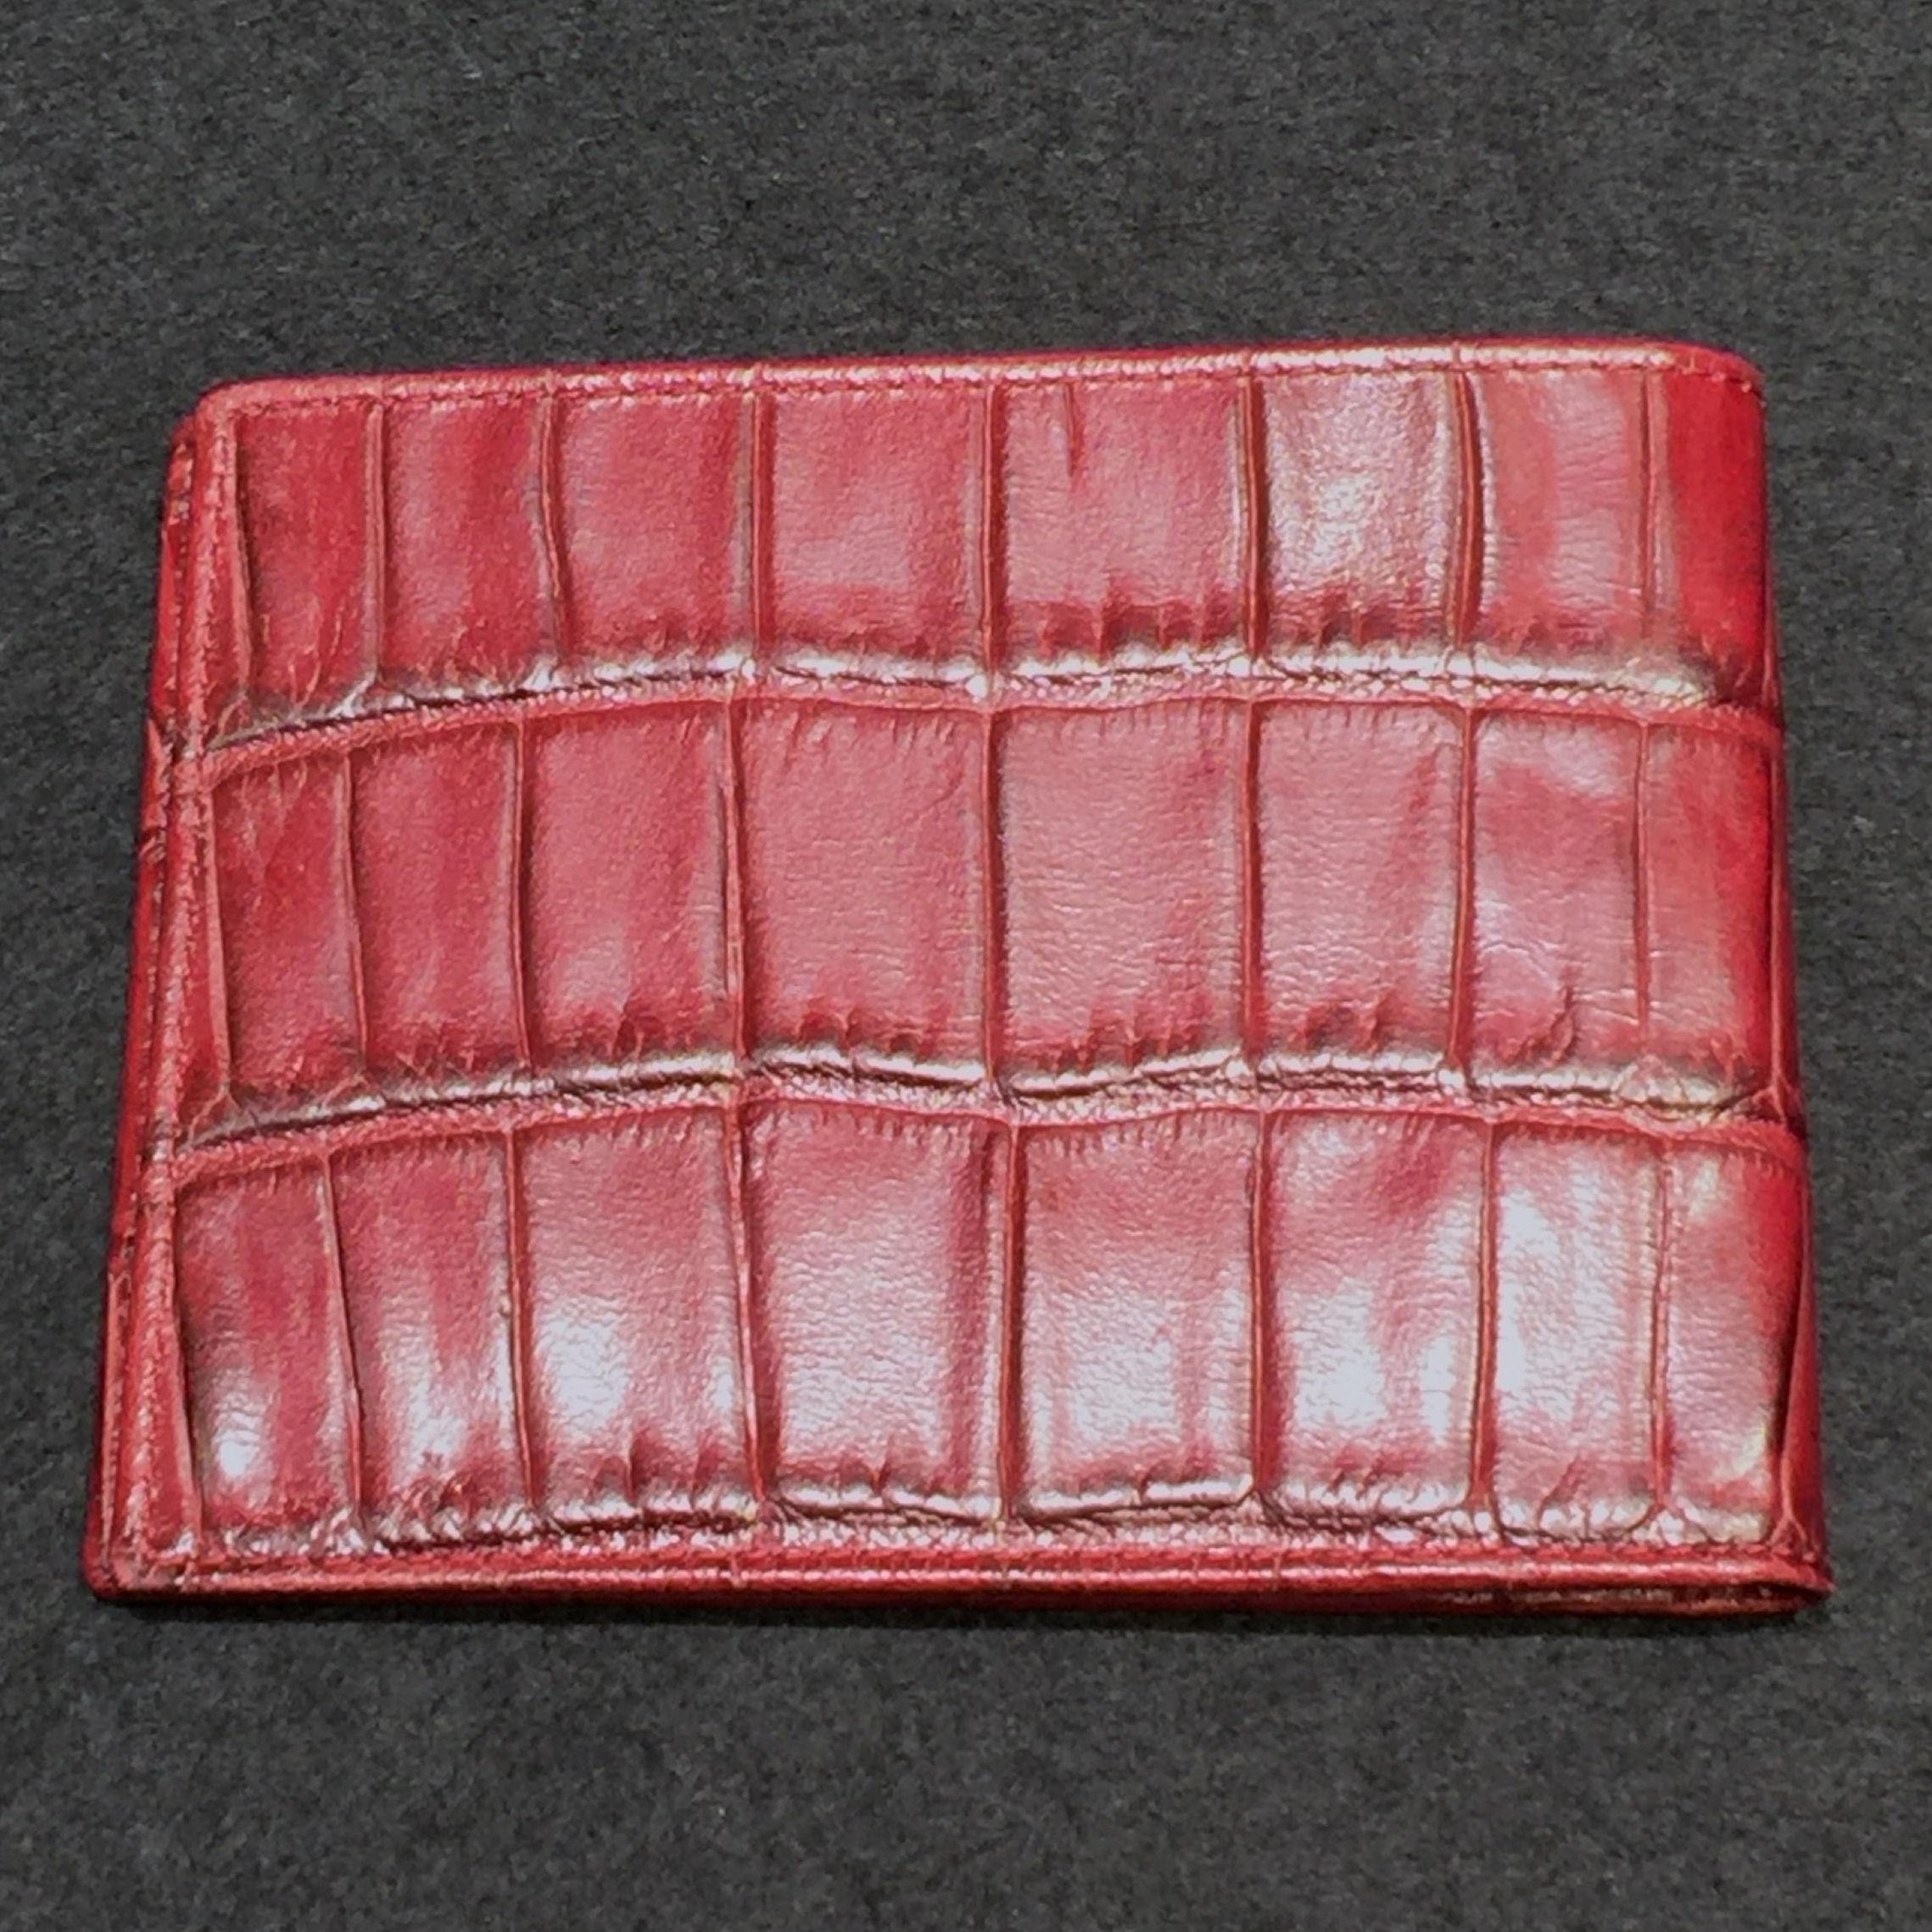 エリオットローズロンドン アリゲータ財布